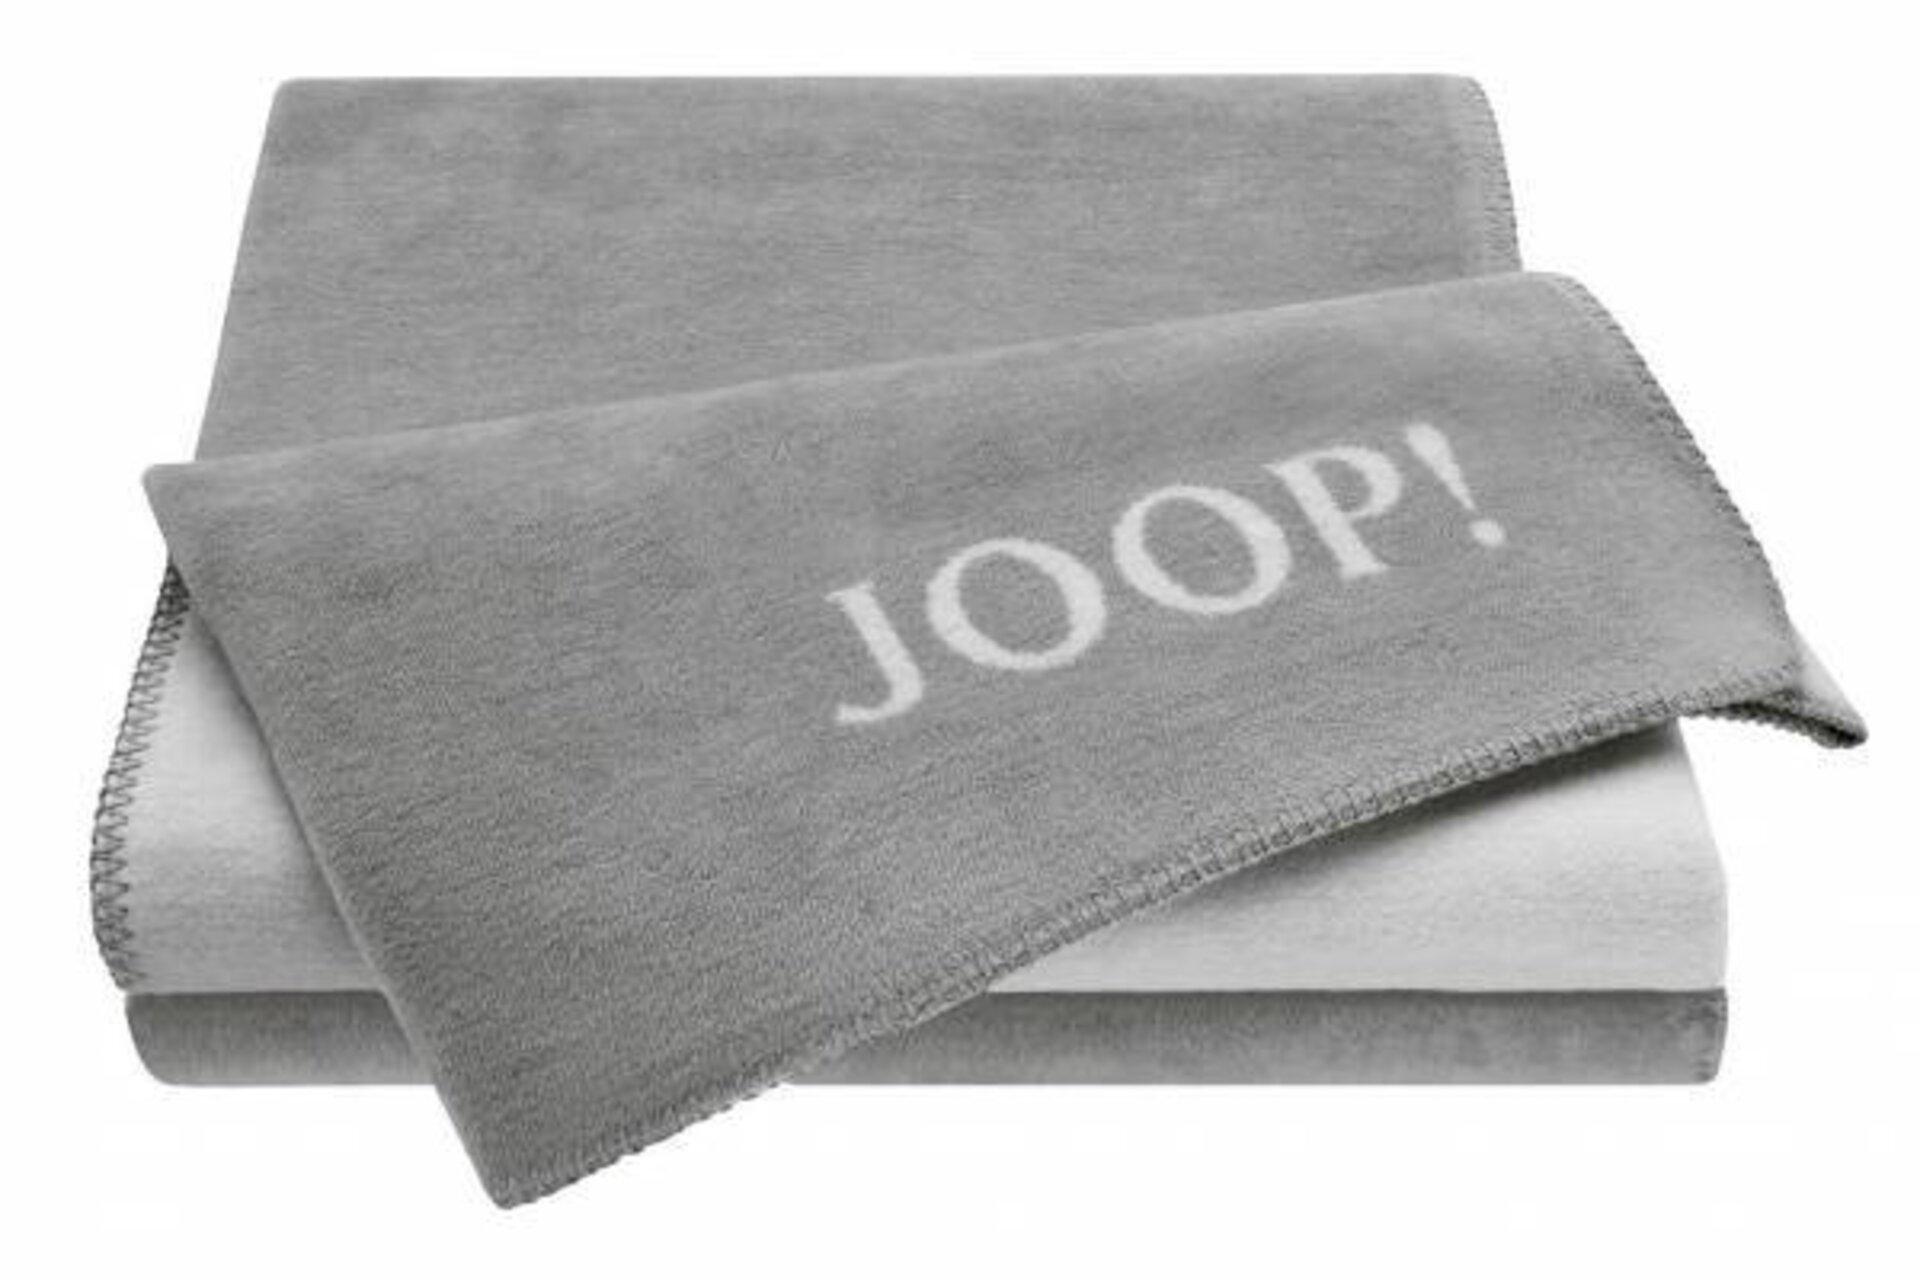 Wohndecke UNI-DOUBLEFACE Joop! Textil grau 150 x 200 cm